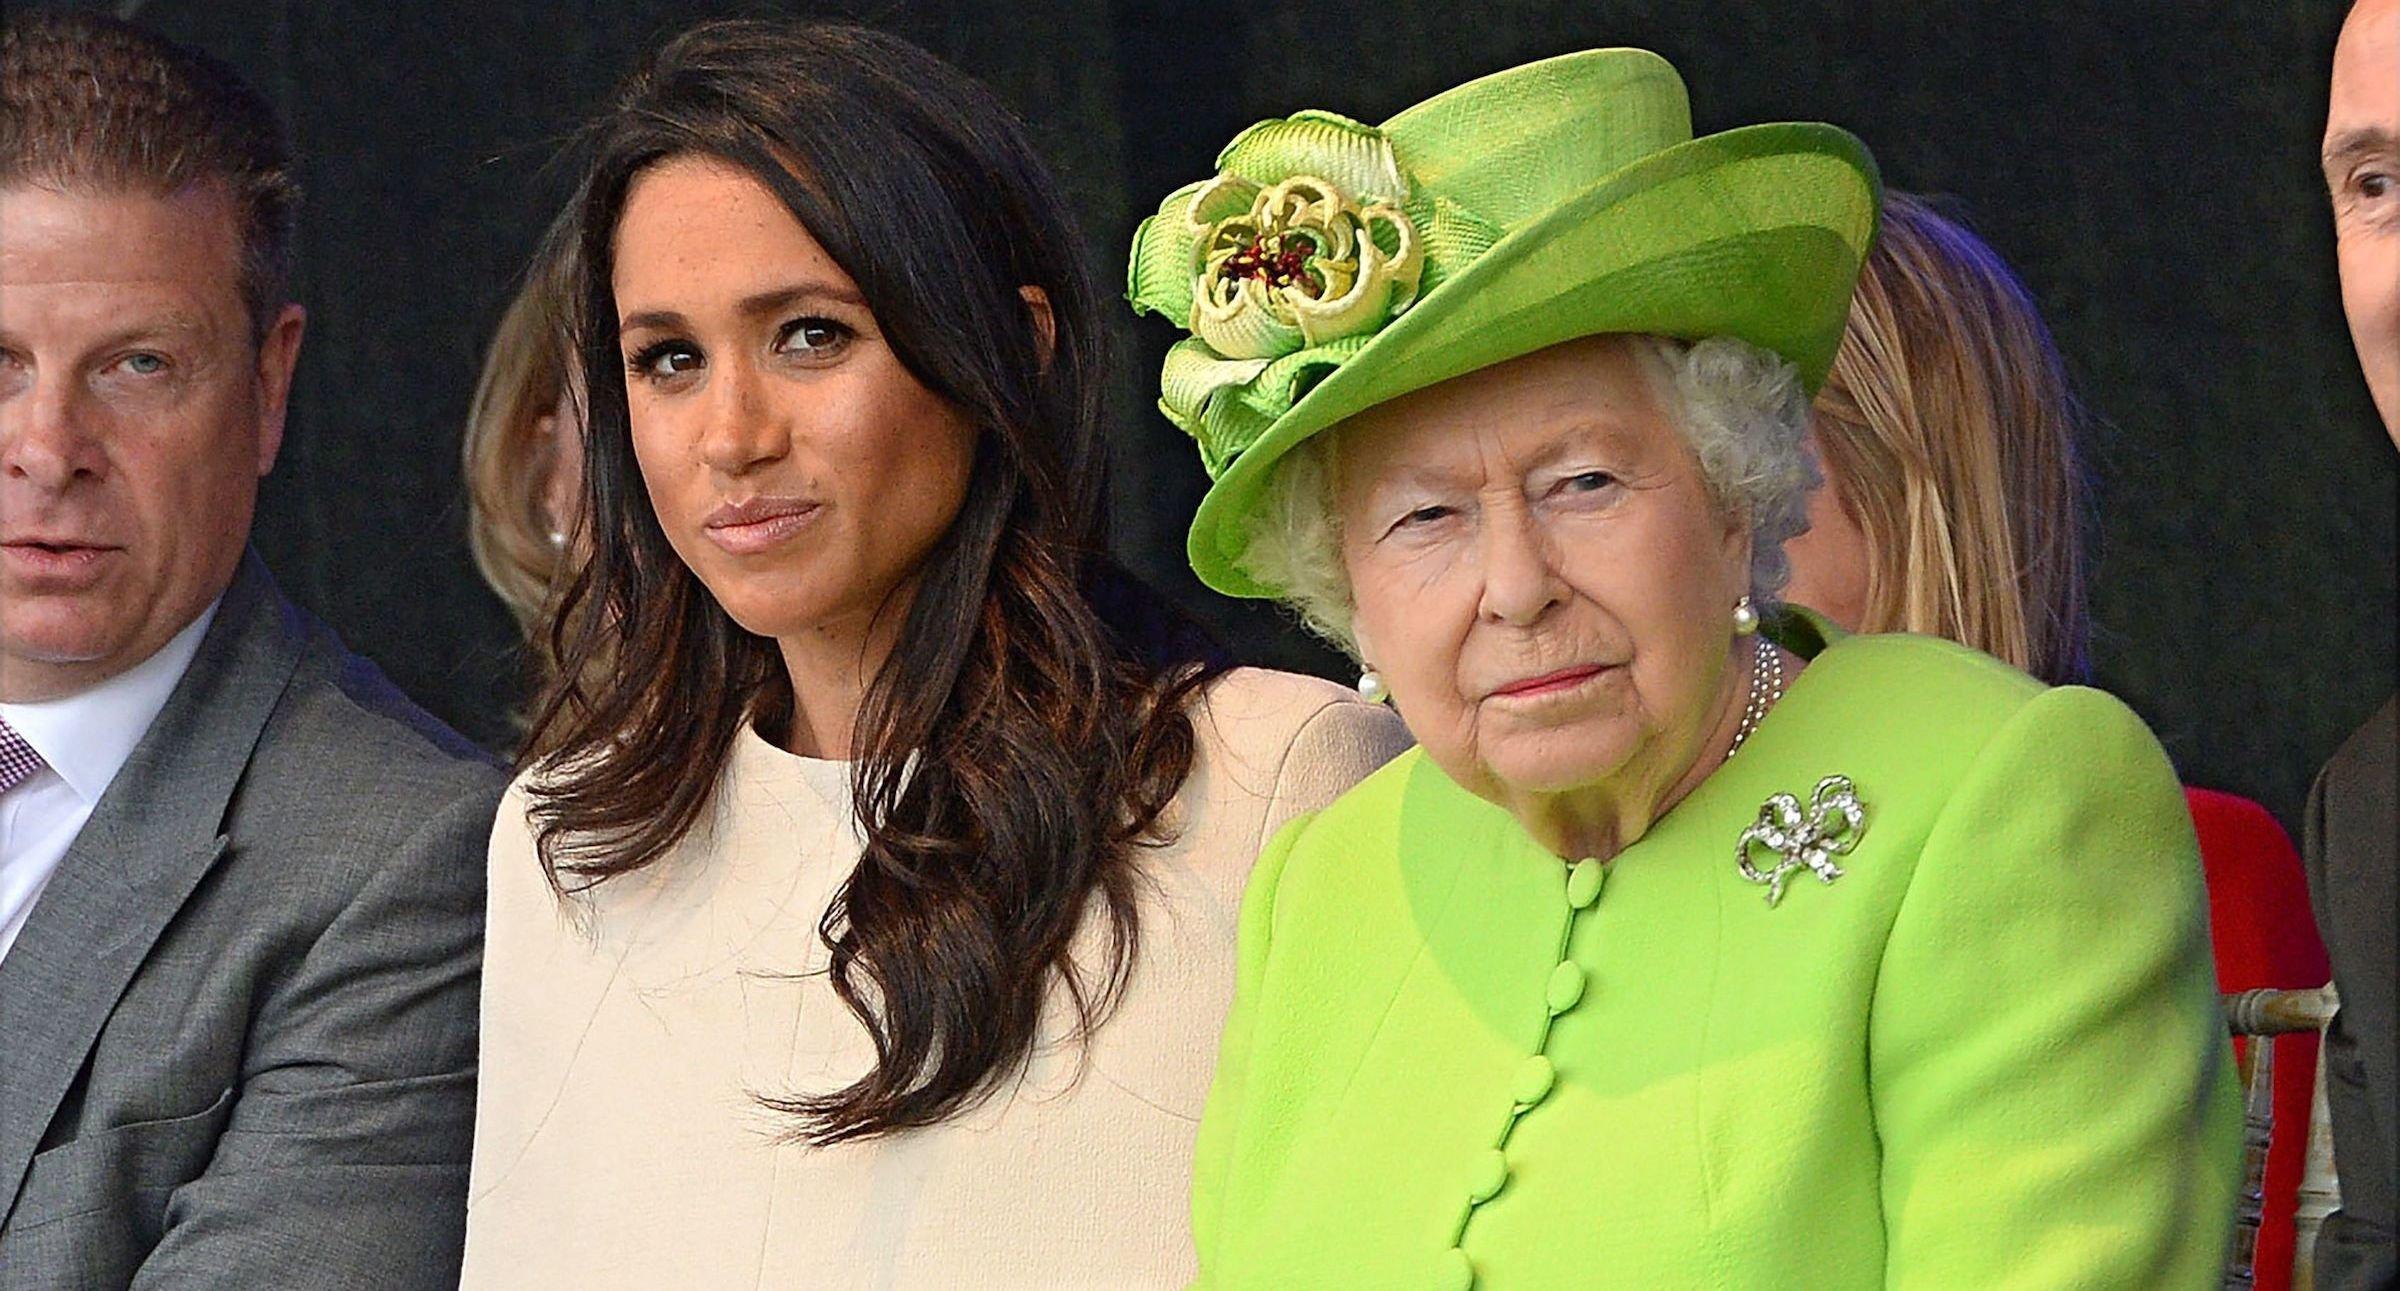 Καυγάς Ελισάβετ -Χάρι για την τιάρα της Μέγκαν: Η βασίλισσα τον προειδοποίησε για τη «δύσκολη» νύφη της